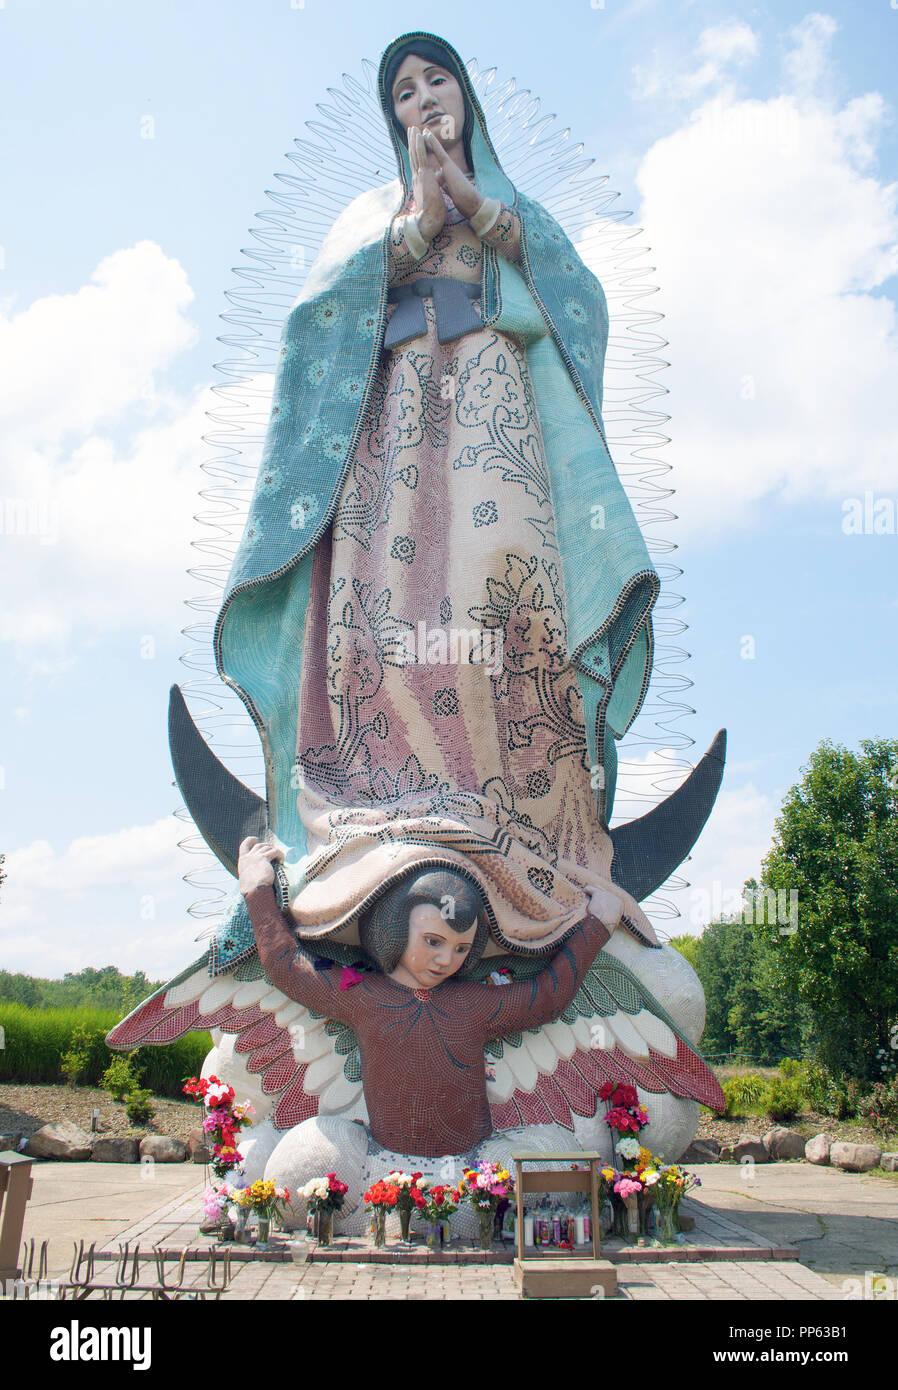 Mas alto del mundo Nuestra Señora de Guadalupe en Windsor, Ohio Foto de stock